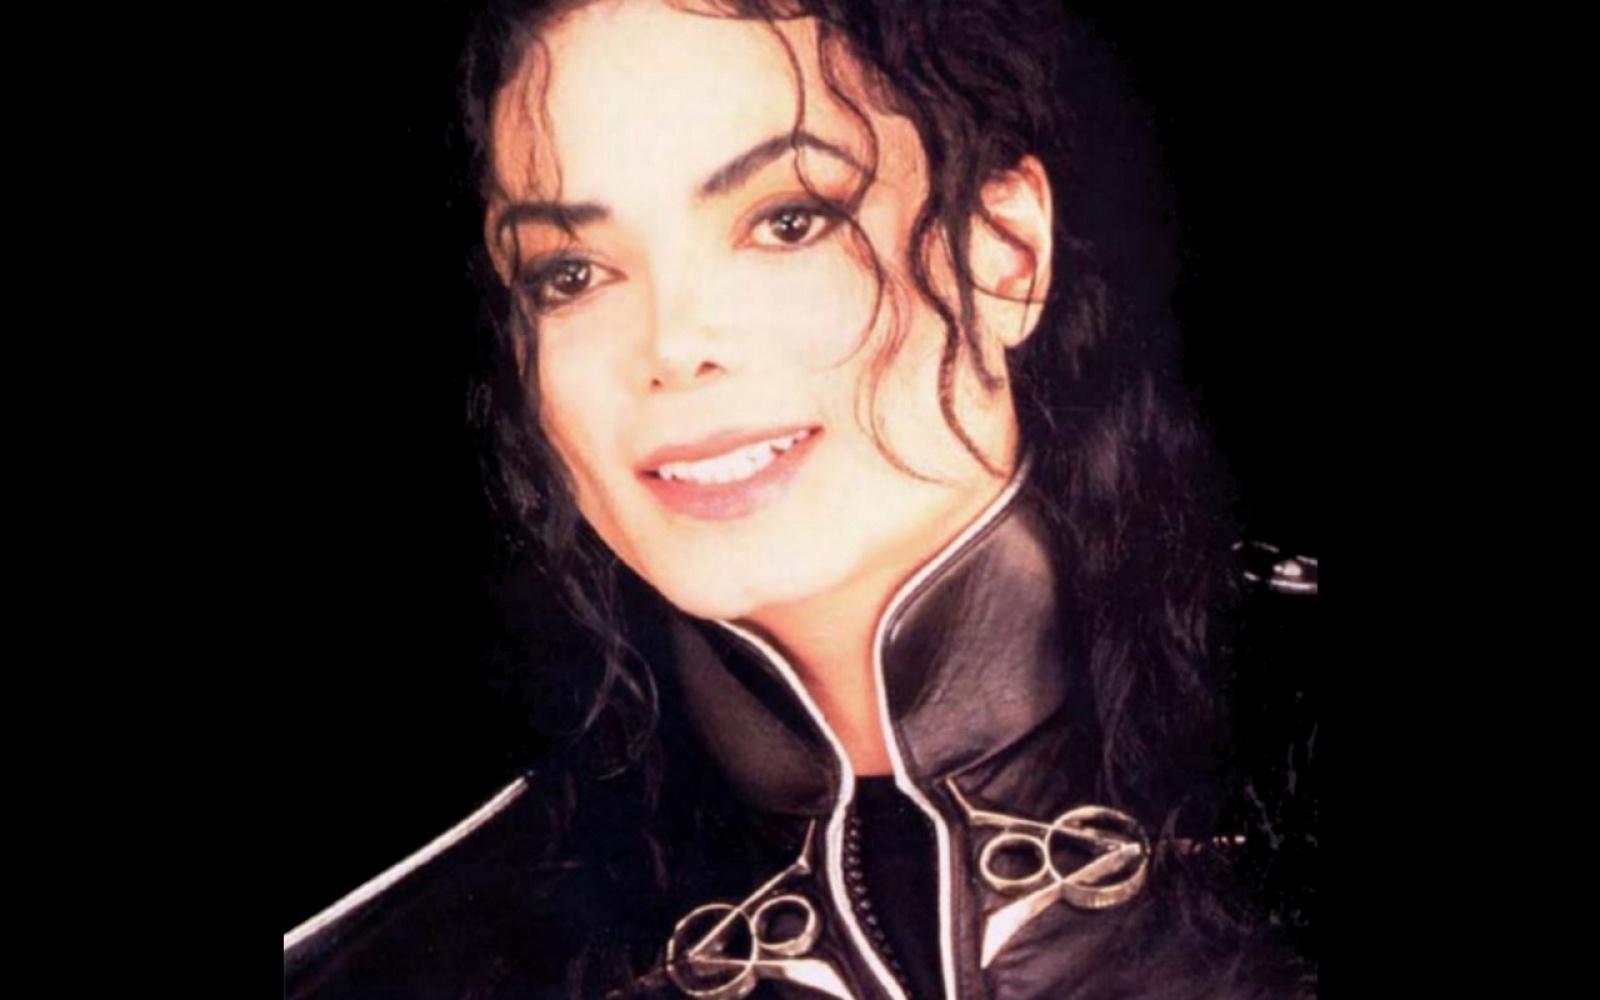 http://4.bp.blogspot.com/-KgchDhL4gFo/TtFIPMd4XXI/AAAAAAAAAjo/l-O5YatOOOQ/s1600/ws_Michael_Jackson_1600x1200.jpg